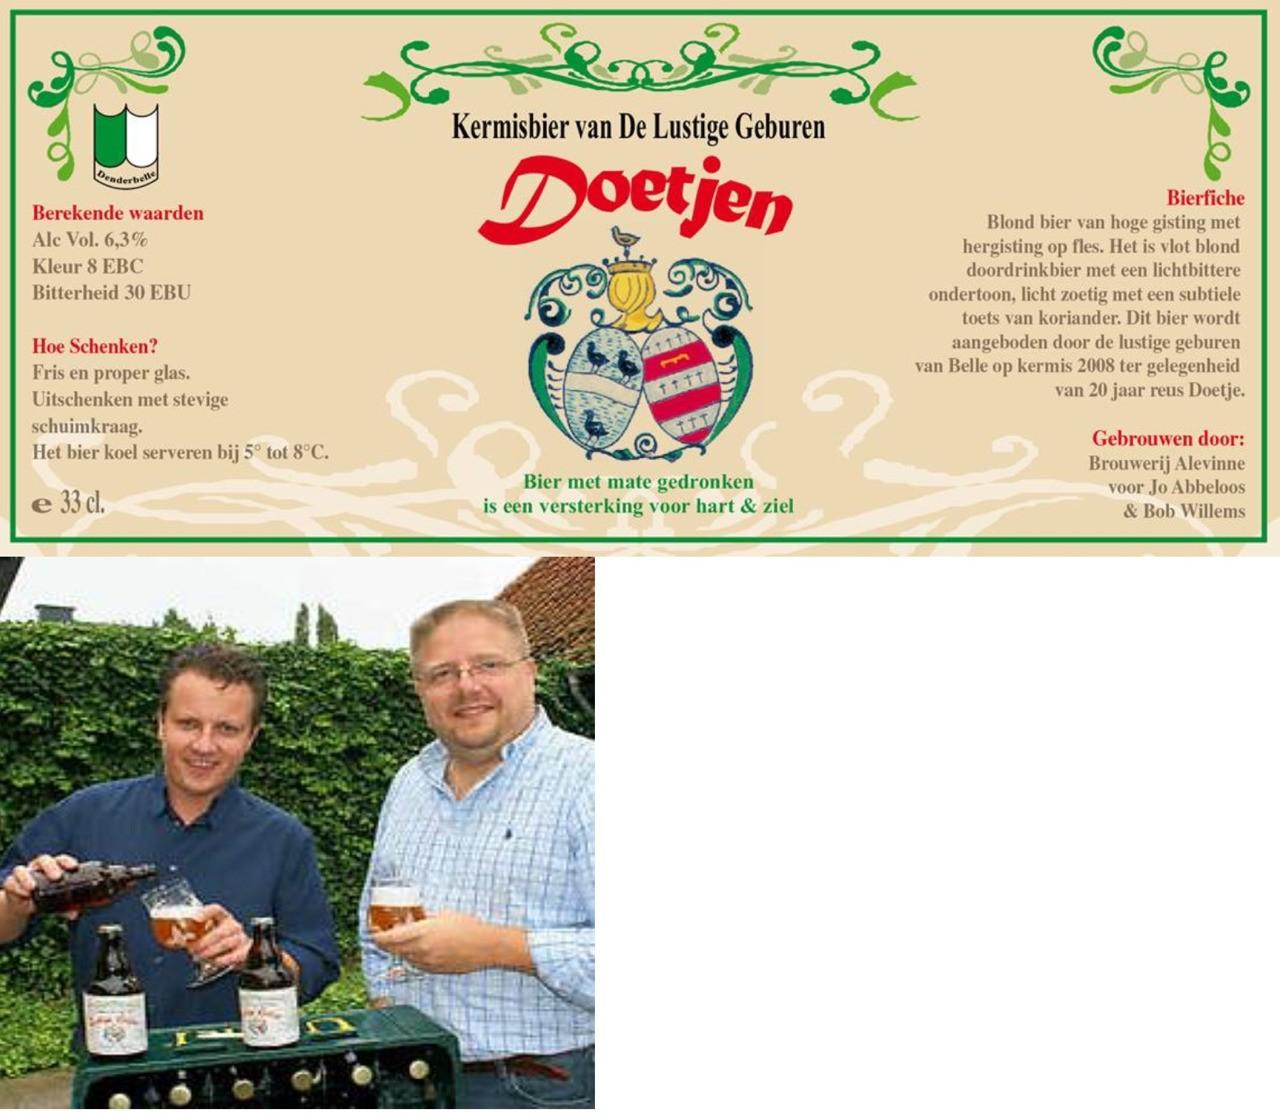 Het Doetjes Bier werd gebrouwen in 2008 ter gelegenheid van de twintigste verjaardag van Kapellenstraat reus Doetje. Het is een blond bier van 6 % Vol.Alc. met een pittige Co2 prikkel op de tong en een stevige hoppige afdronk. Dit bier werd gebrouwen door Bob & Jo in brouwerij Alevinne. Reus Doetjen werd geboren op 19 augustus 1988 en staat symbool voor de samenhorigheid onder 'De Lustige Geburen', de organisatoren van Kapellenstraat-kermis. Fred Van Malderen, die eigenlijk Karel-Lodewijk Van Malder heette, stond model. Karel-Lodewijk, alias Fred, alias Doetjen, was een van die volksfiguren die in de 21ste eeuw nog amper de kop opsteken. Fred werd in Denderbelle geboren in 1876. Hij raasde door zijn jeugd, huwde, ging aan de slag bij een Brusselse gasmaatschappij en zette samen met zijn Catharina dertien kinderen op de wereld. Denderbelle kende hem ook als groenteboer, vogel- en duivenliefhebber, amateur van een stevige pint, onderhoudsman op het kerkhof en vlaggendrager. Hij overleed in 1963 in het rusthuis 'Hof ter Boonwijk' in St.-Gillis-Dendermonde.'